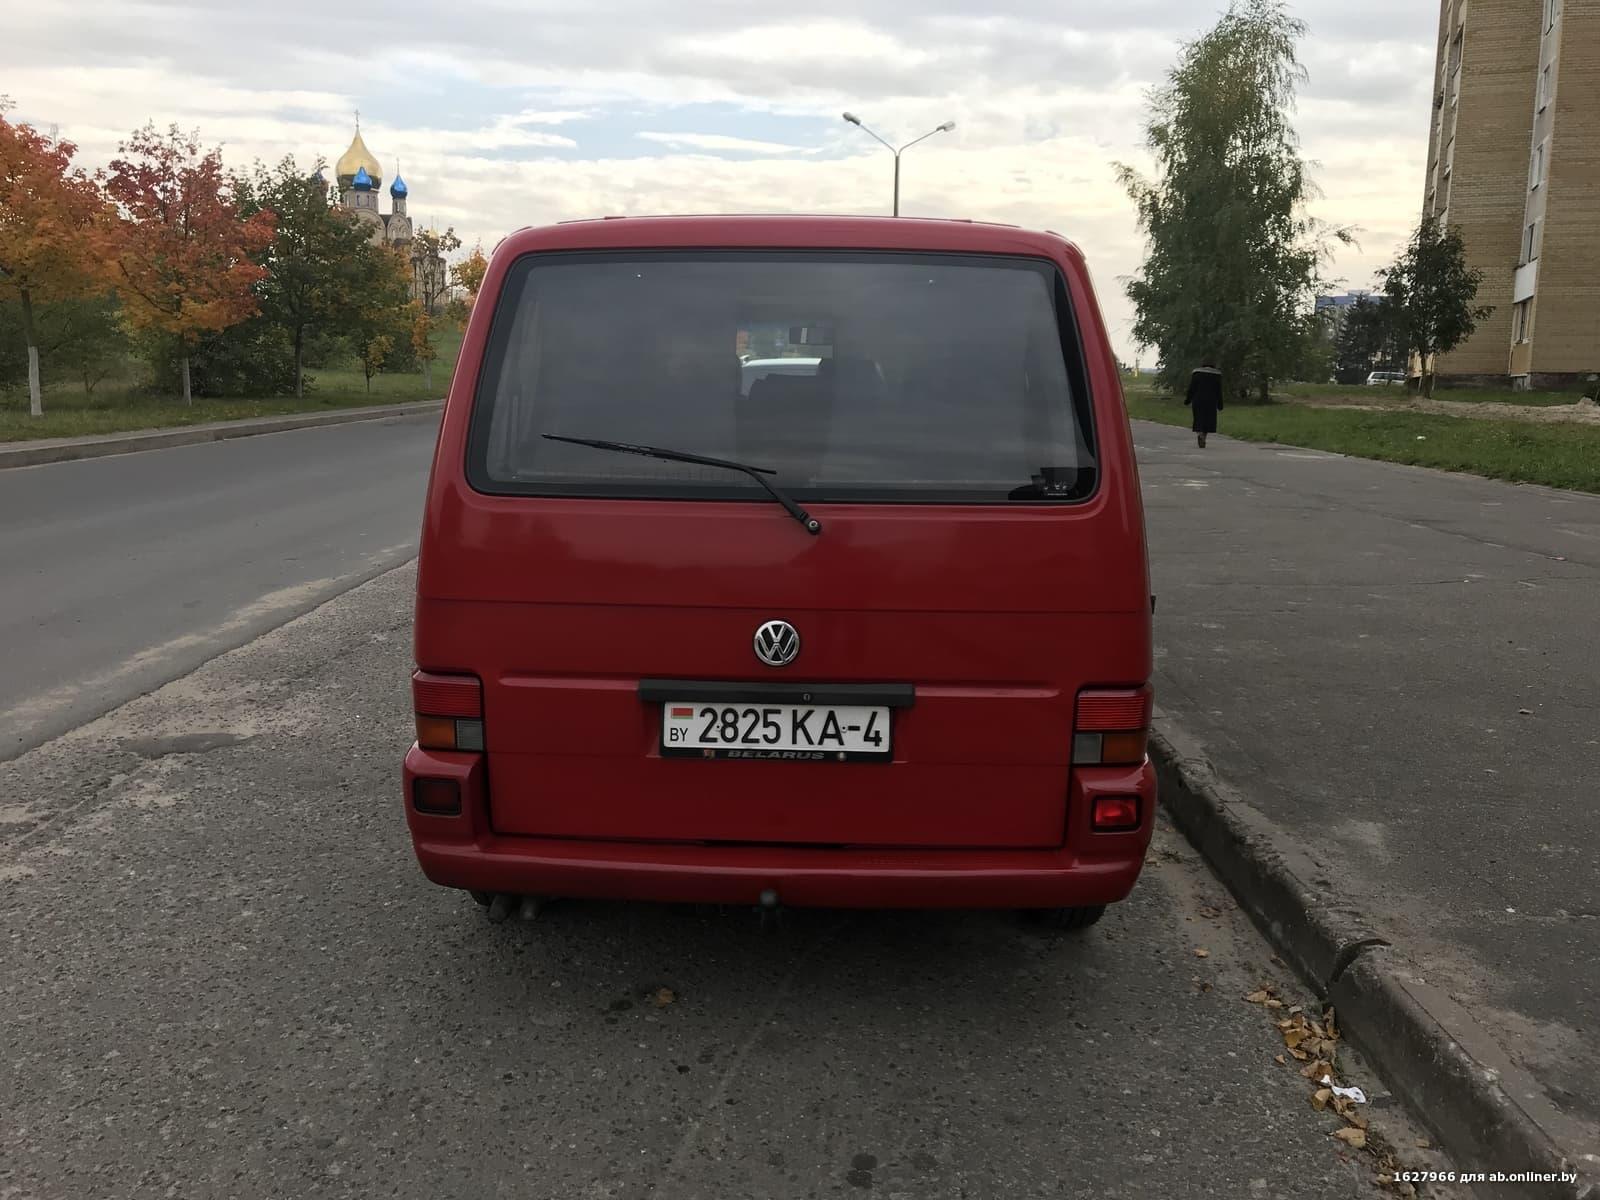 Volkswagen T4 Caravelle 2.5tdi